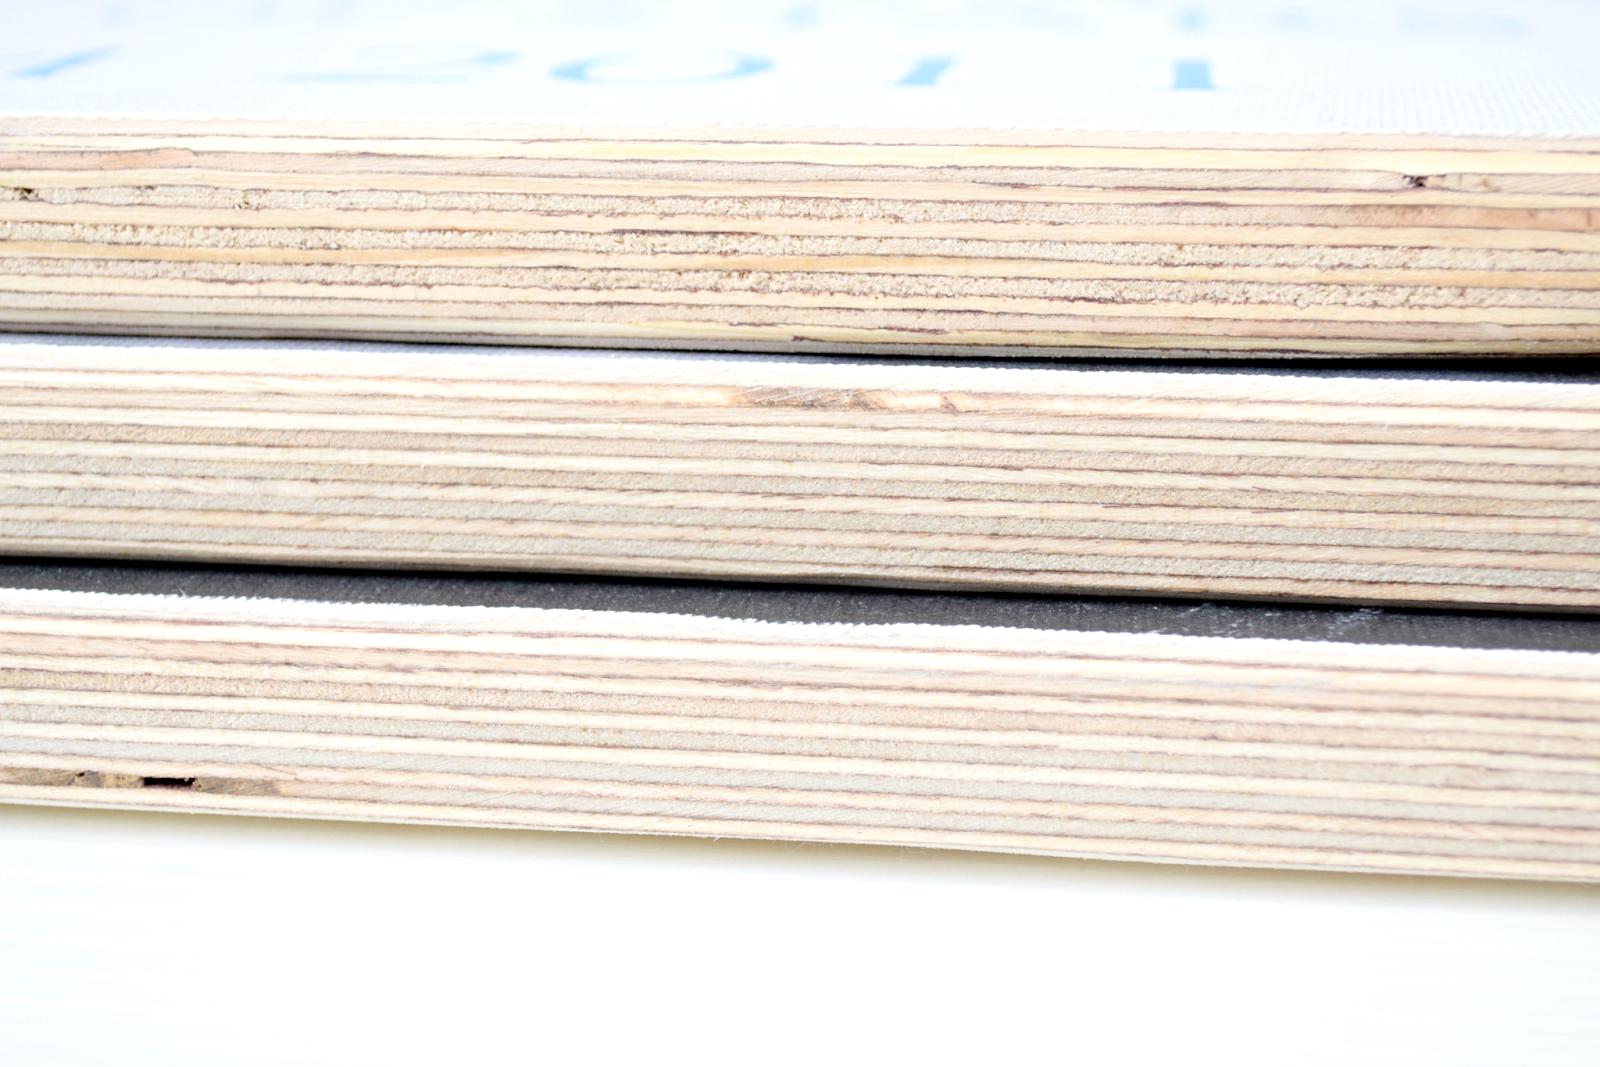 fotografie na drewnie